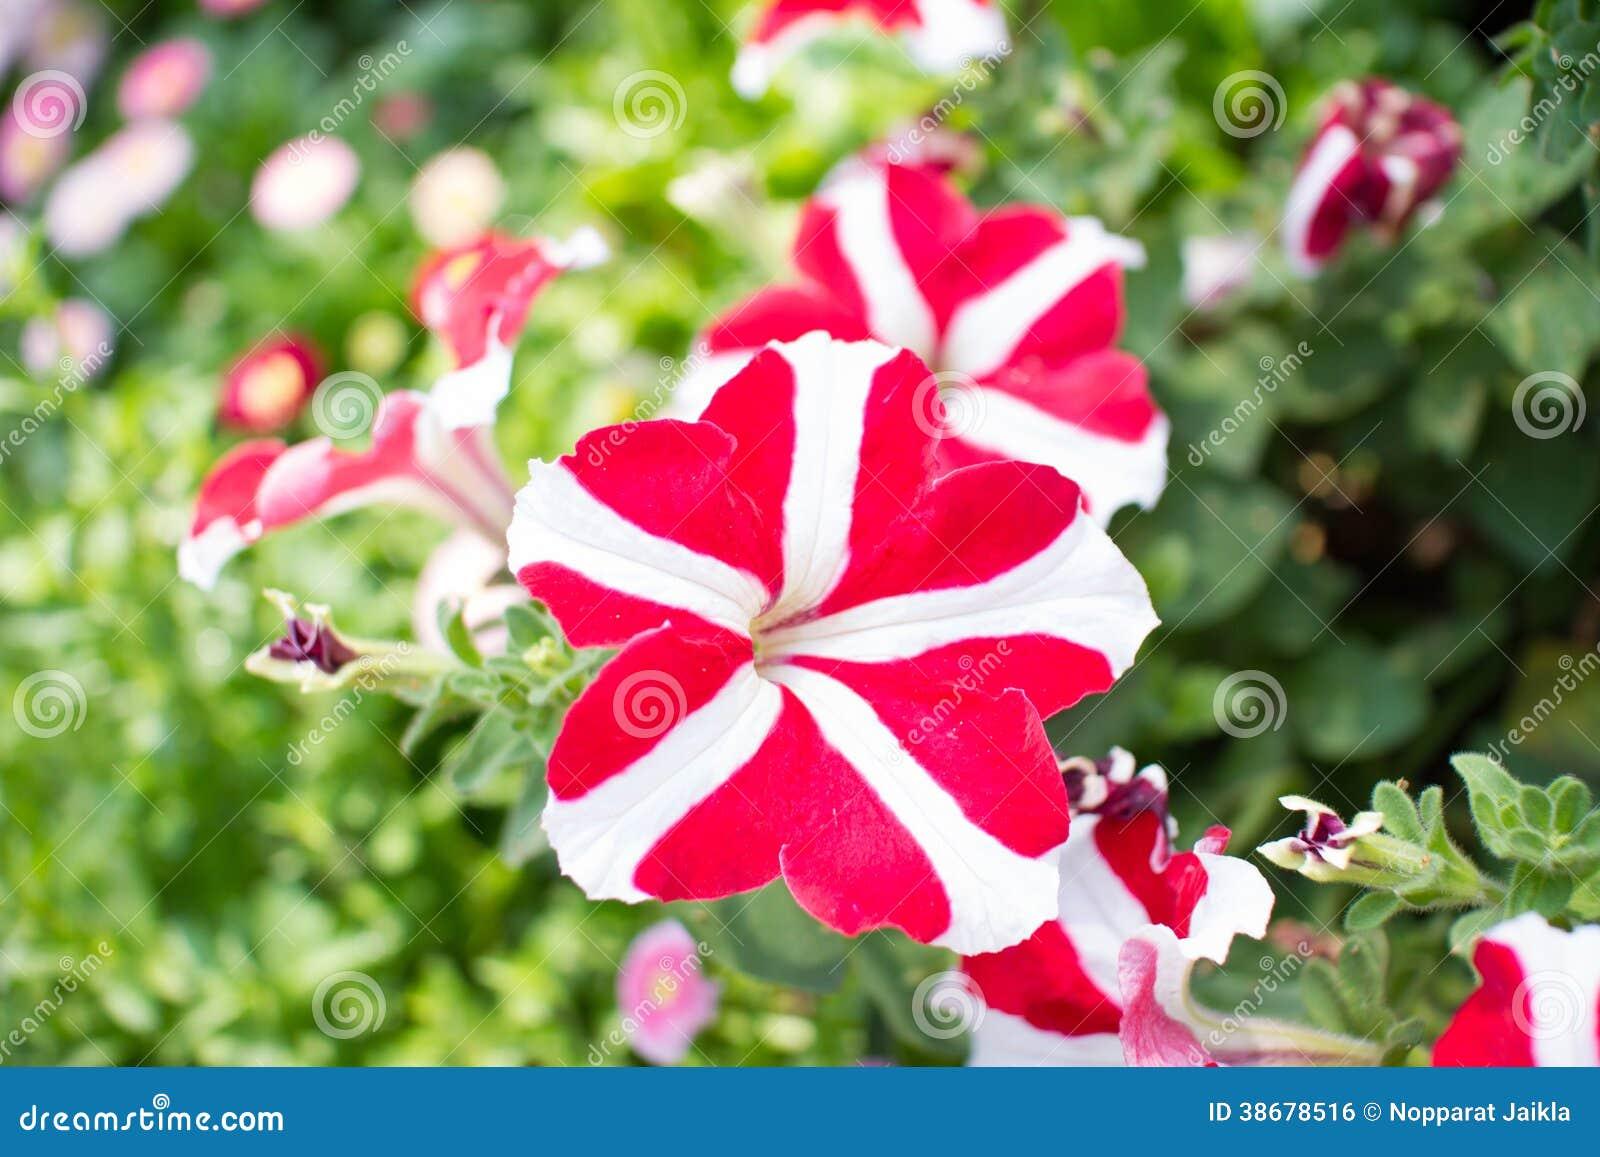 fiori rari fotografia stock immagine di fiore pianta. Black Bedroom Furniture Sets. Home Design Ideas